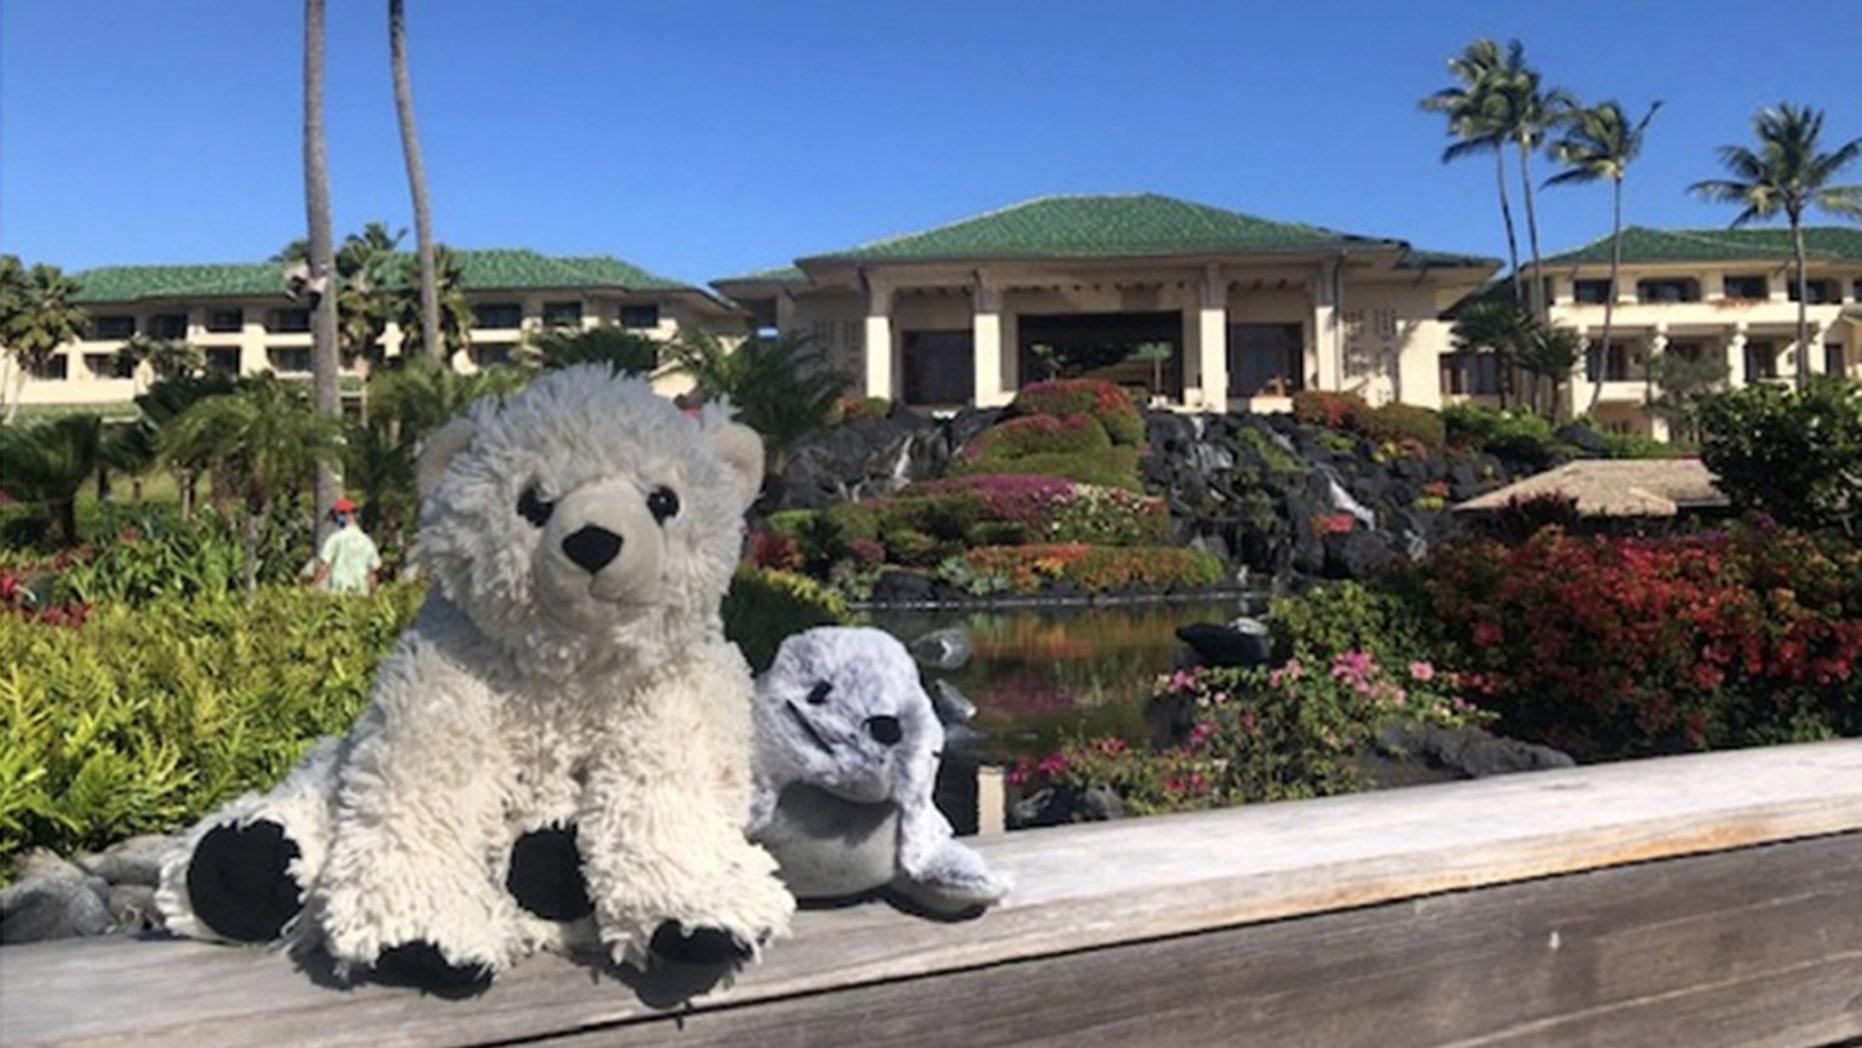 Hotel staff at the Grand Hyatt Kauai took a little boy's bear on an adventure after he left it behind.